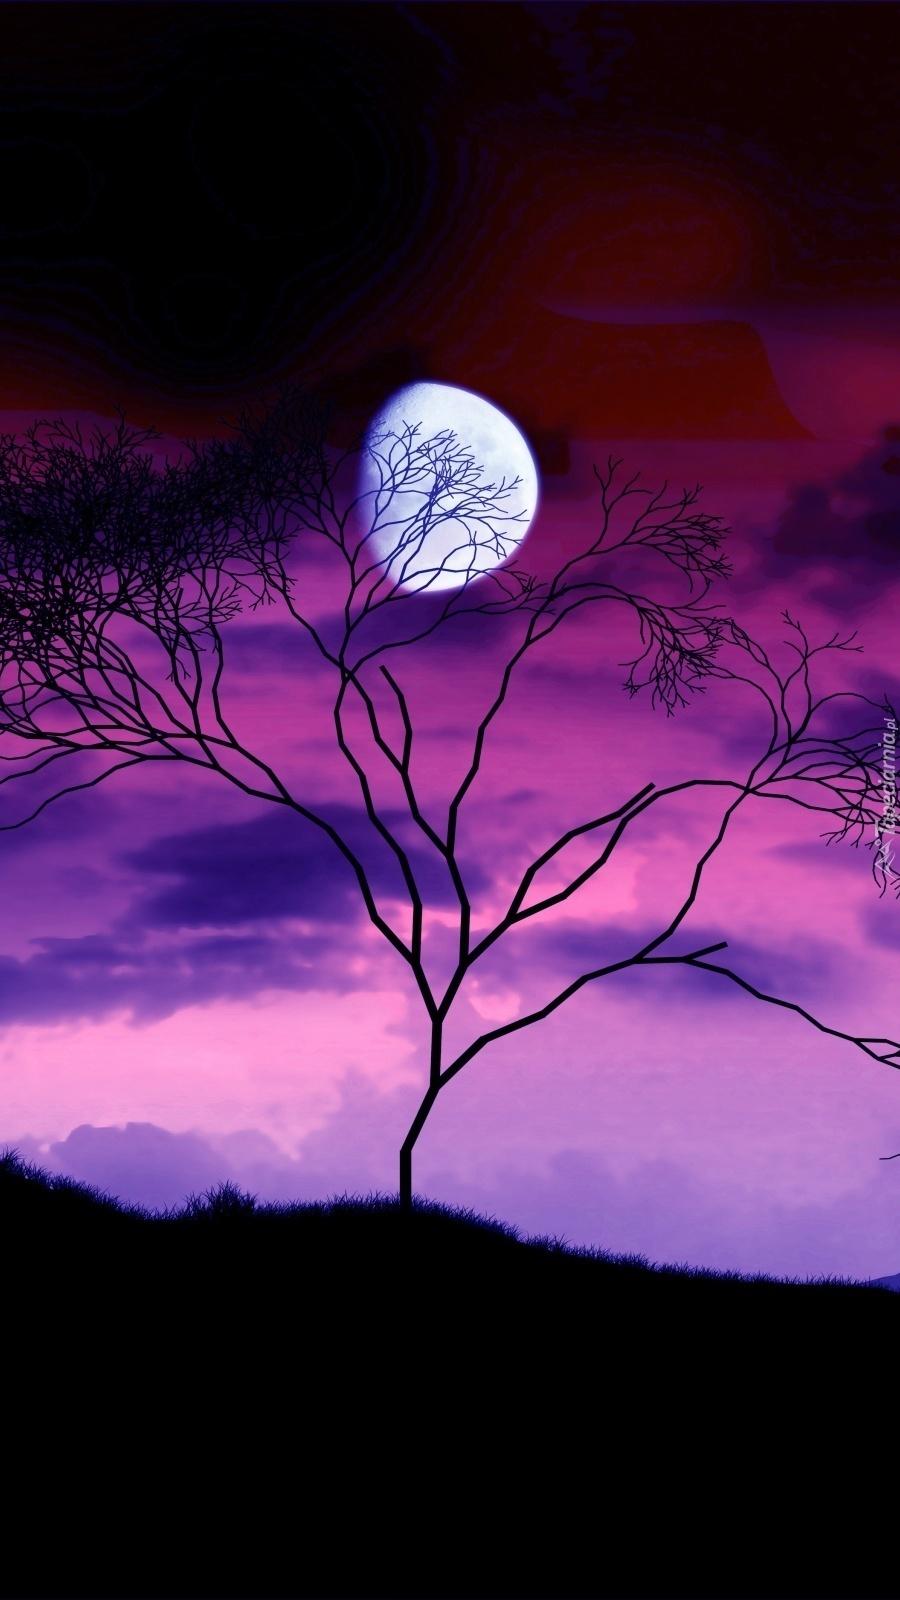 Uschnięte drzewo w świetle księżyca